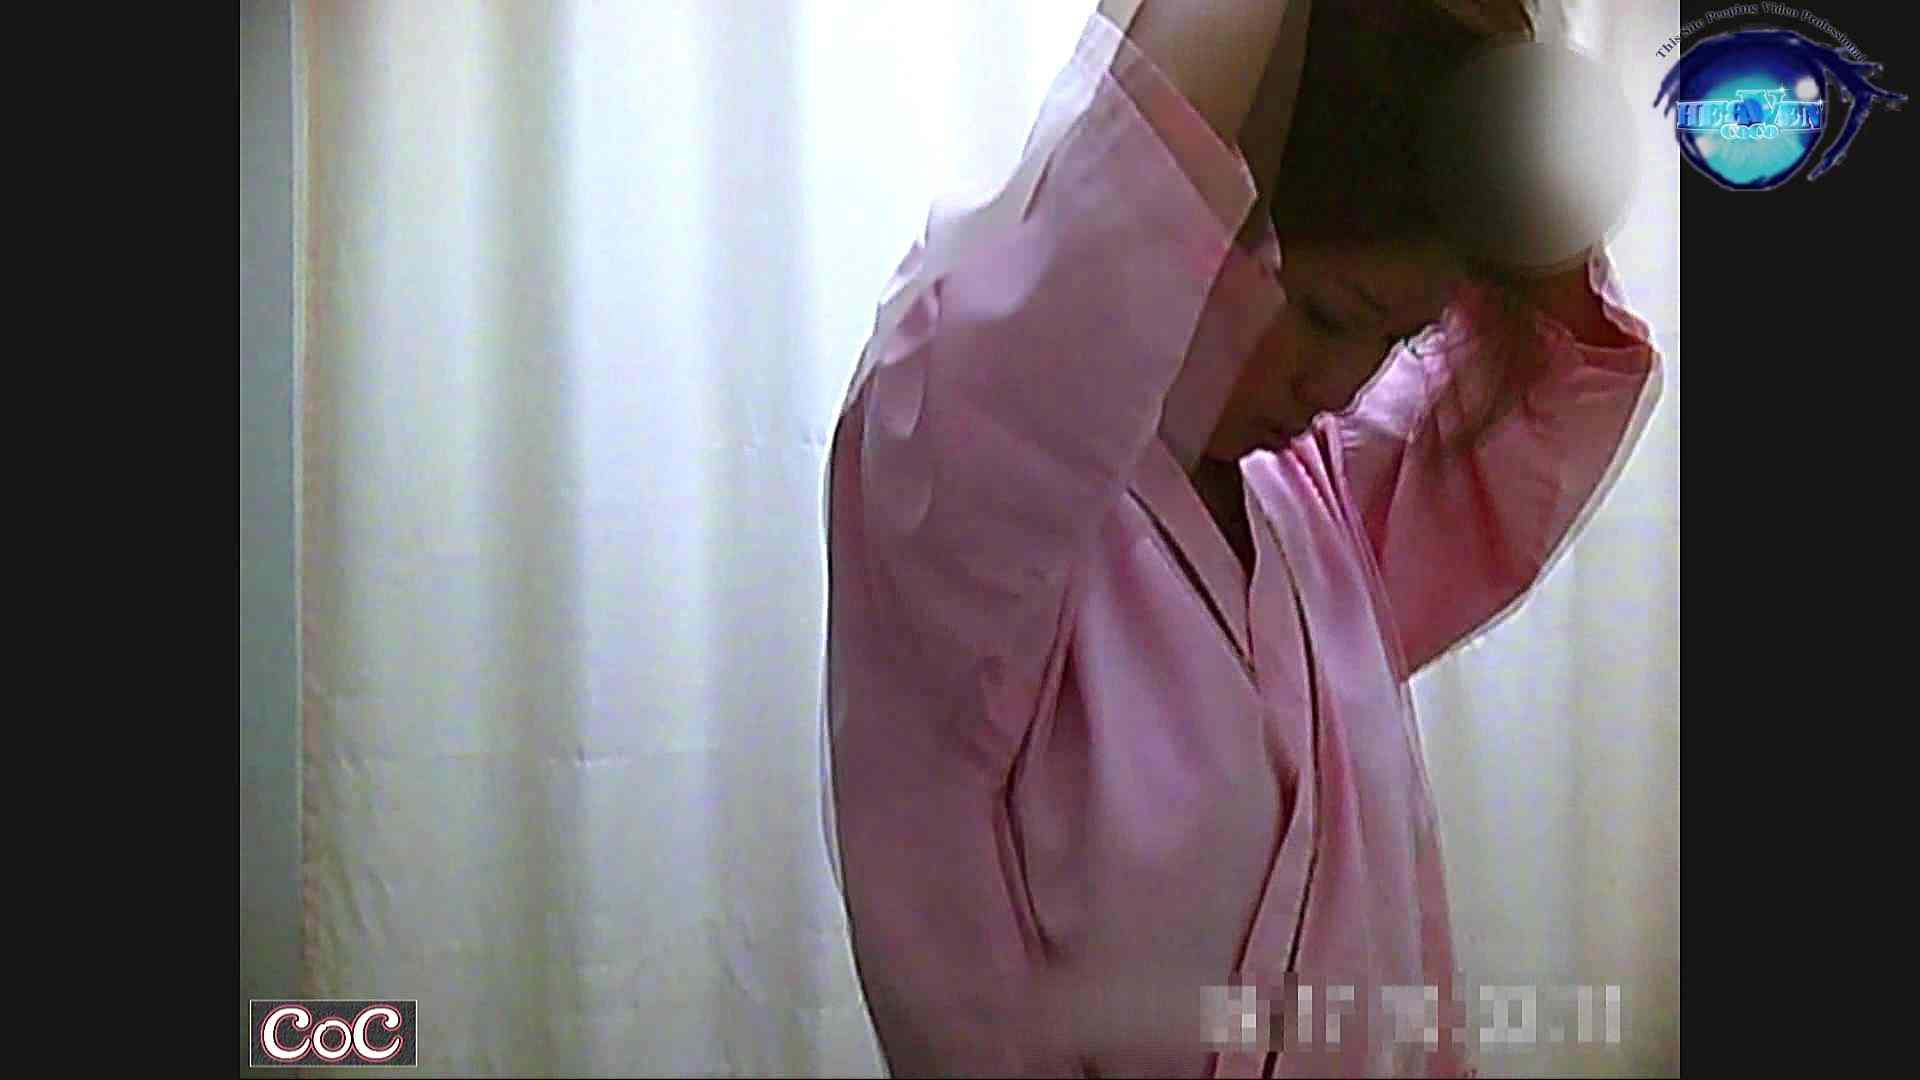 激ヤバ健康診断!着替えの一部始終.vol.28 ※本編ボカシ・目線無し お色気ナース おまんこ無修正動画無料 112枚 59